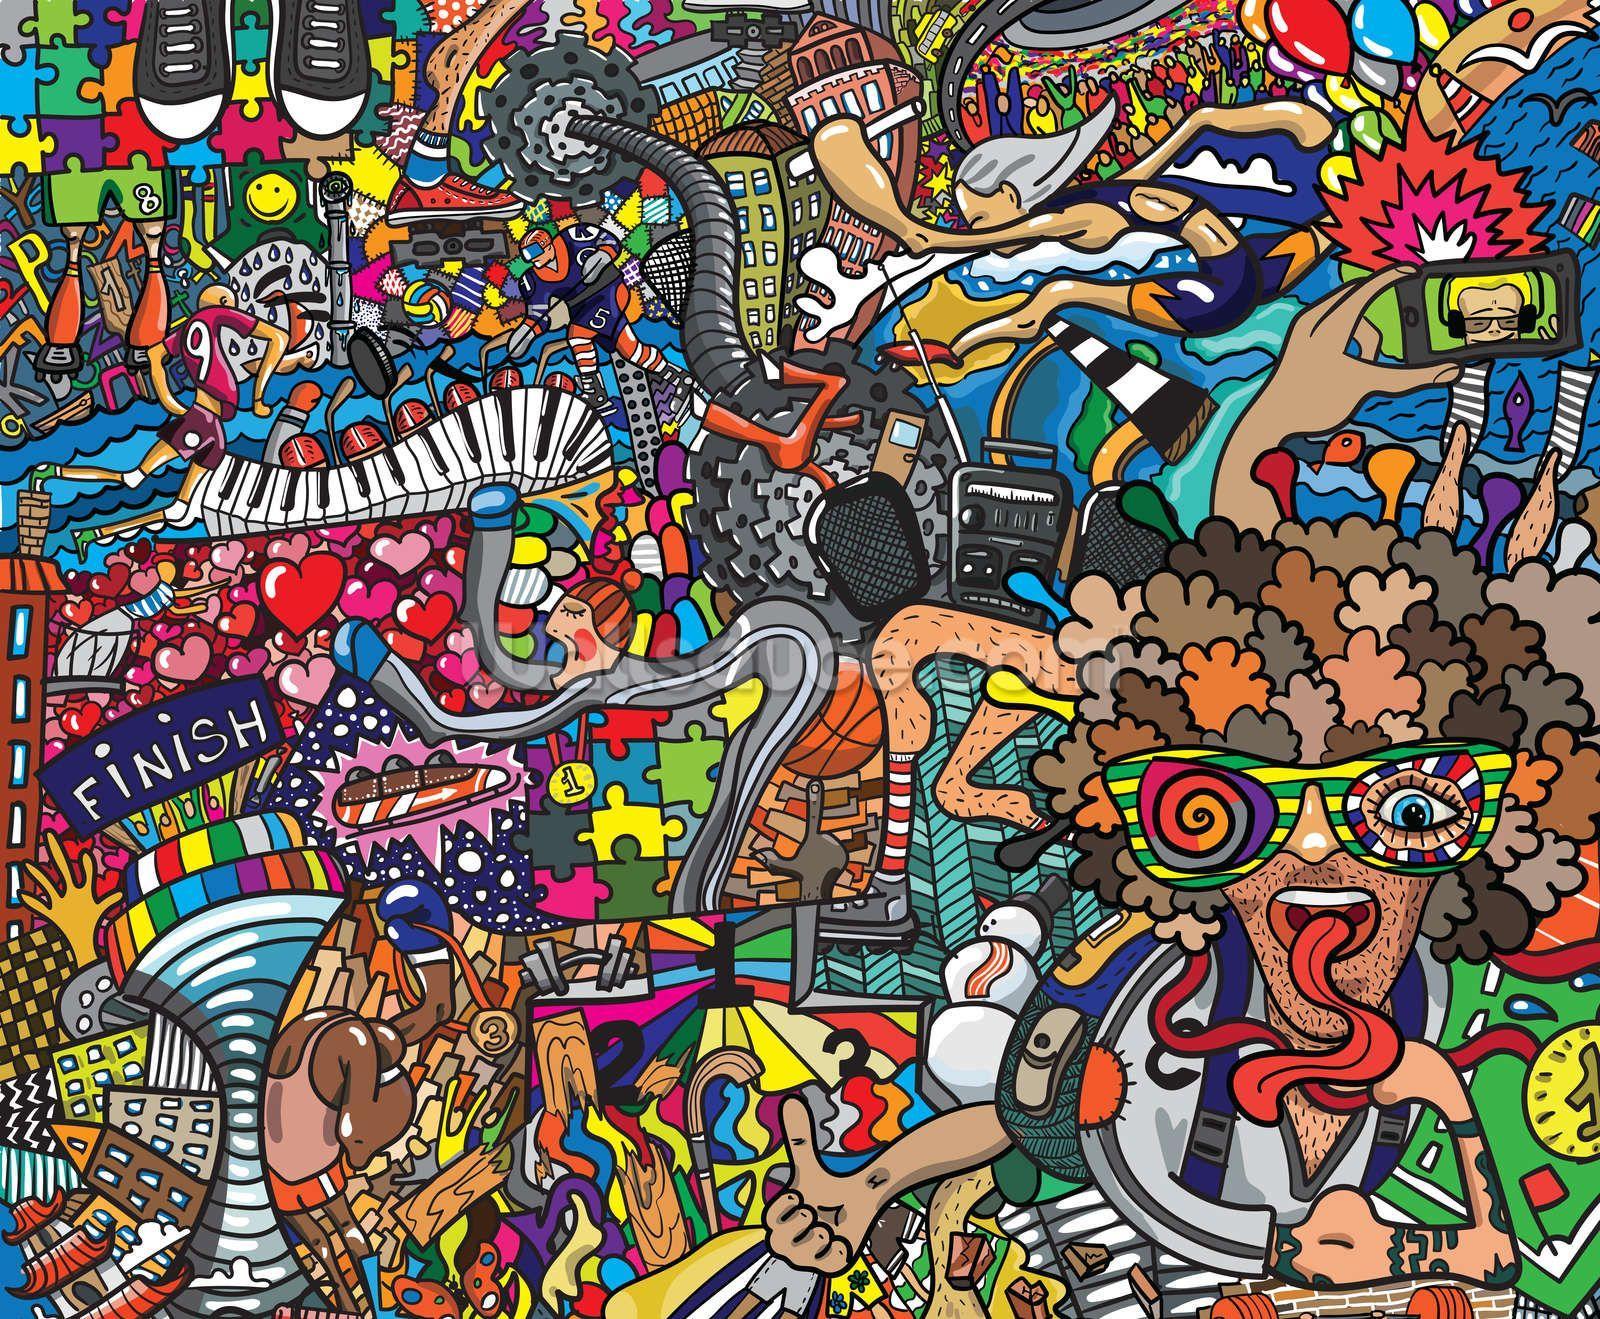 Cartoon Graffiti Wallpapers